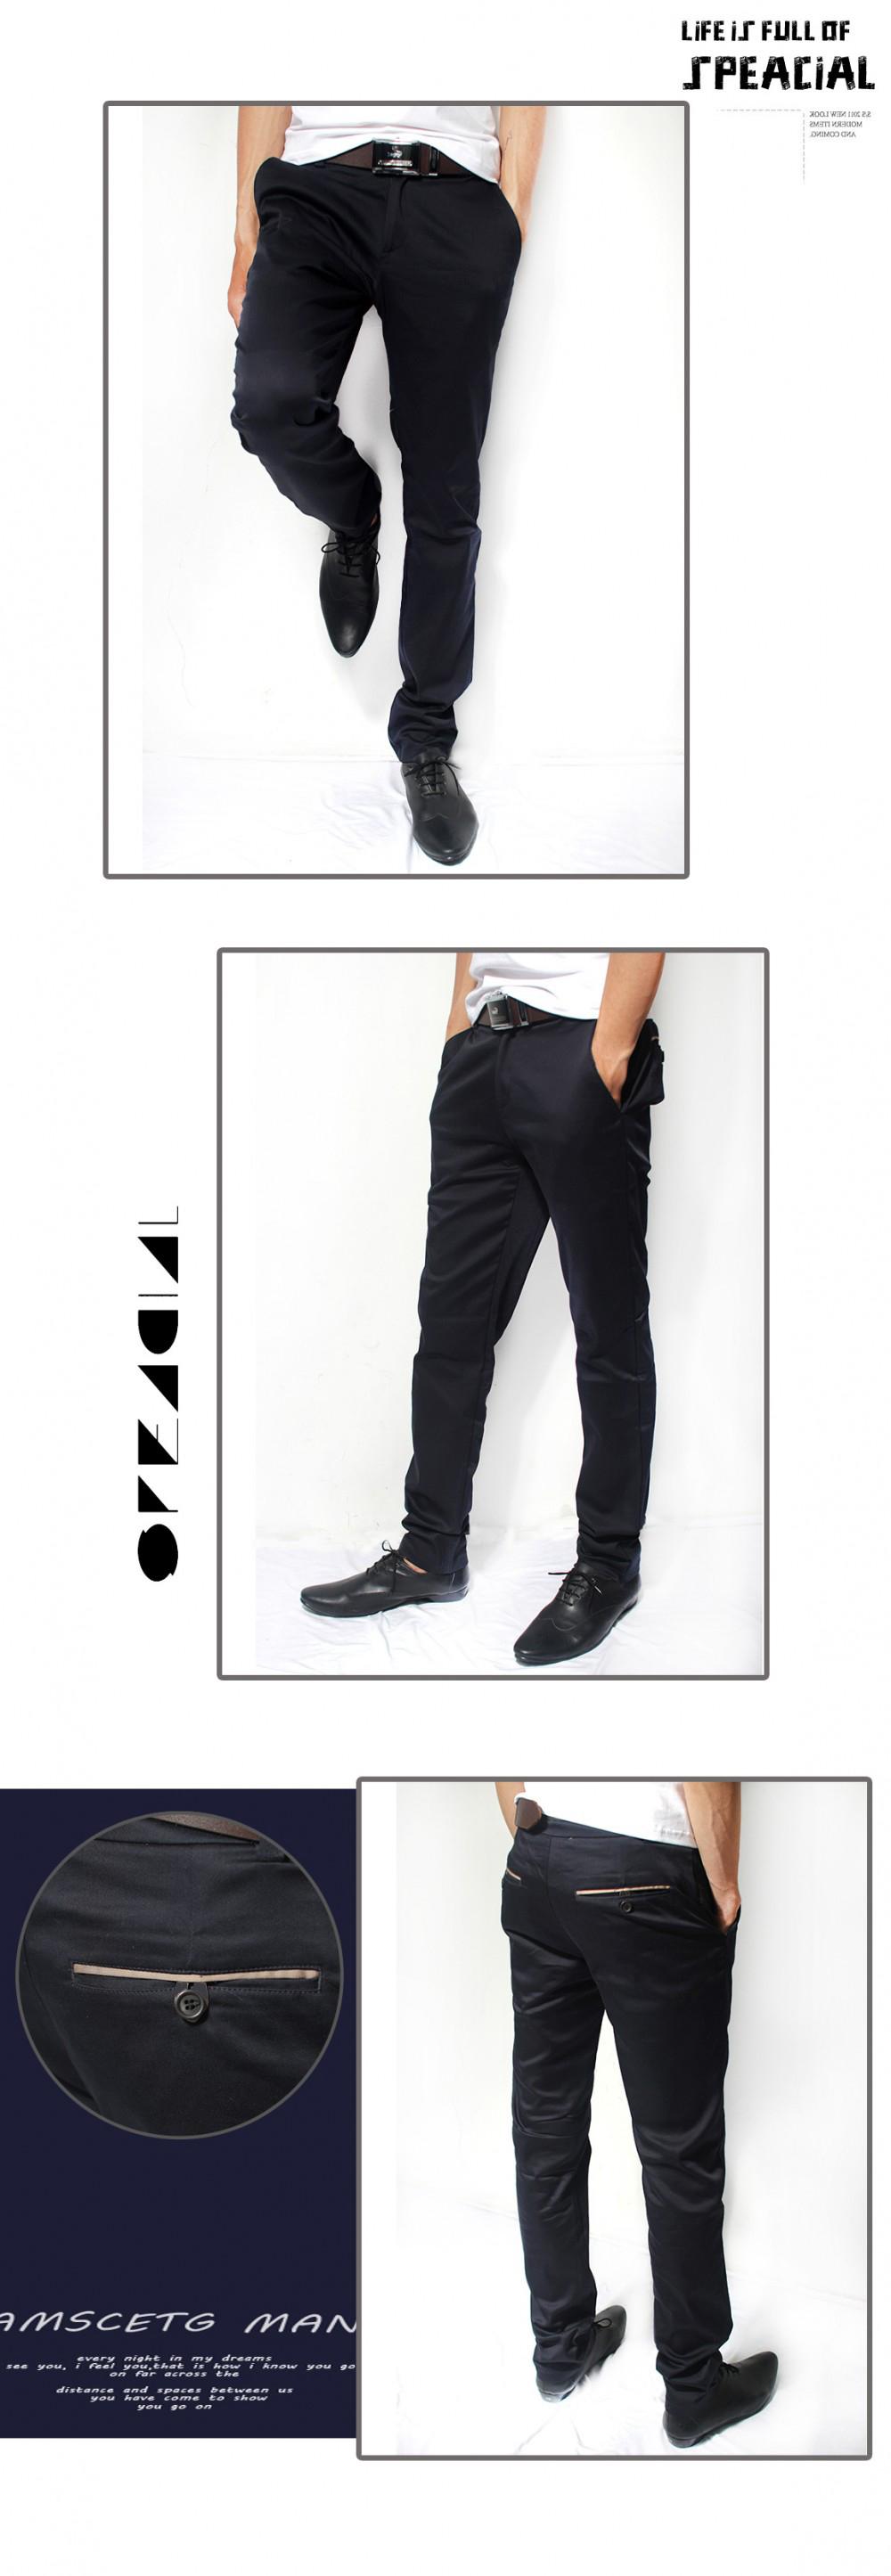 Quần kaki hàn quốc xanh đen qk122 - 1